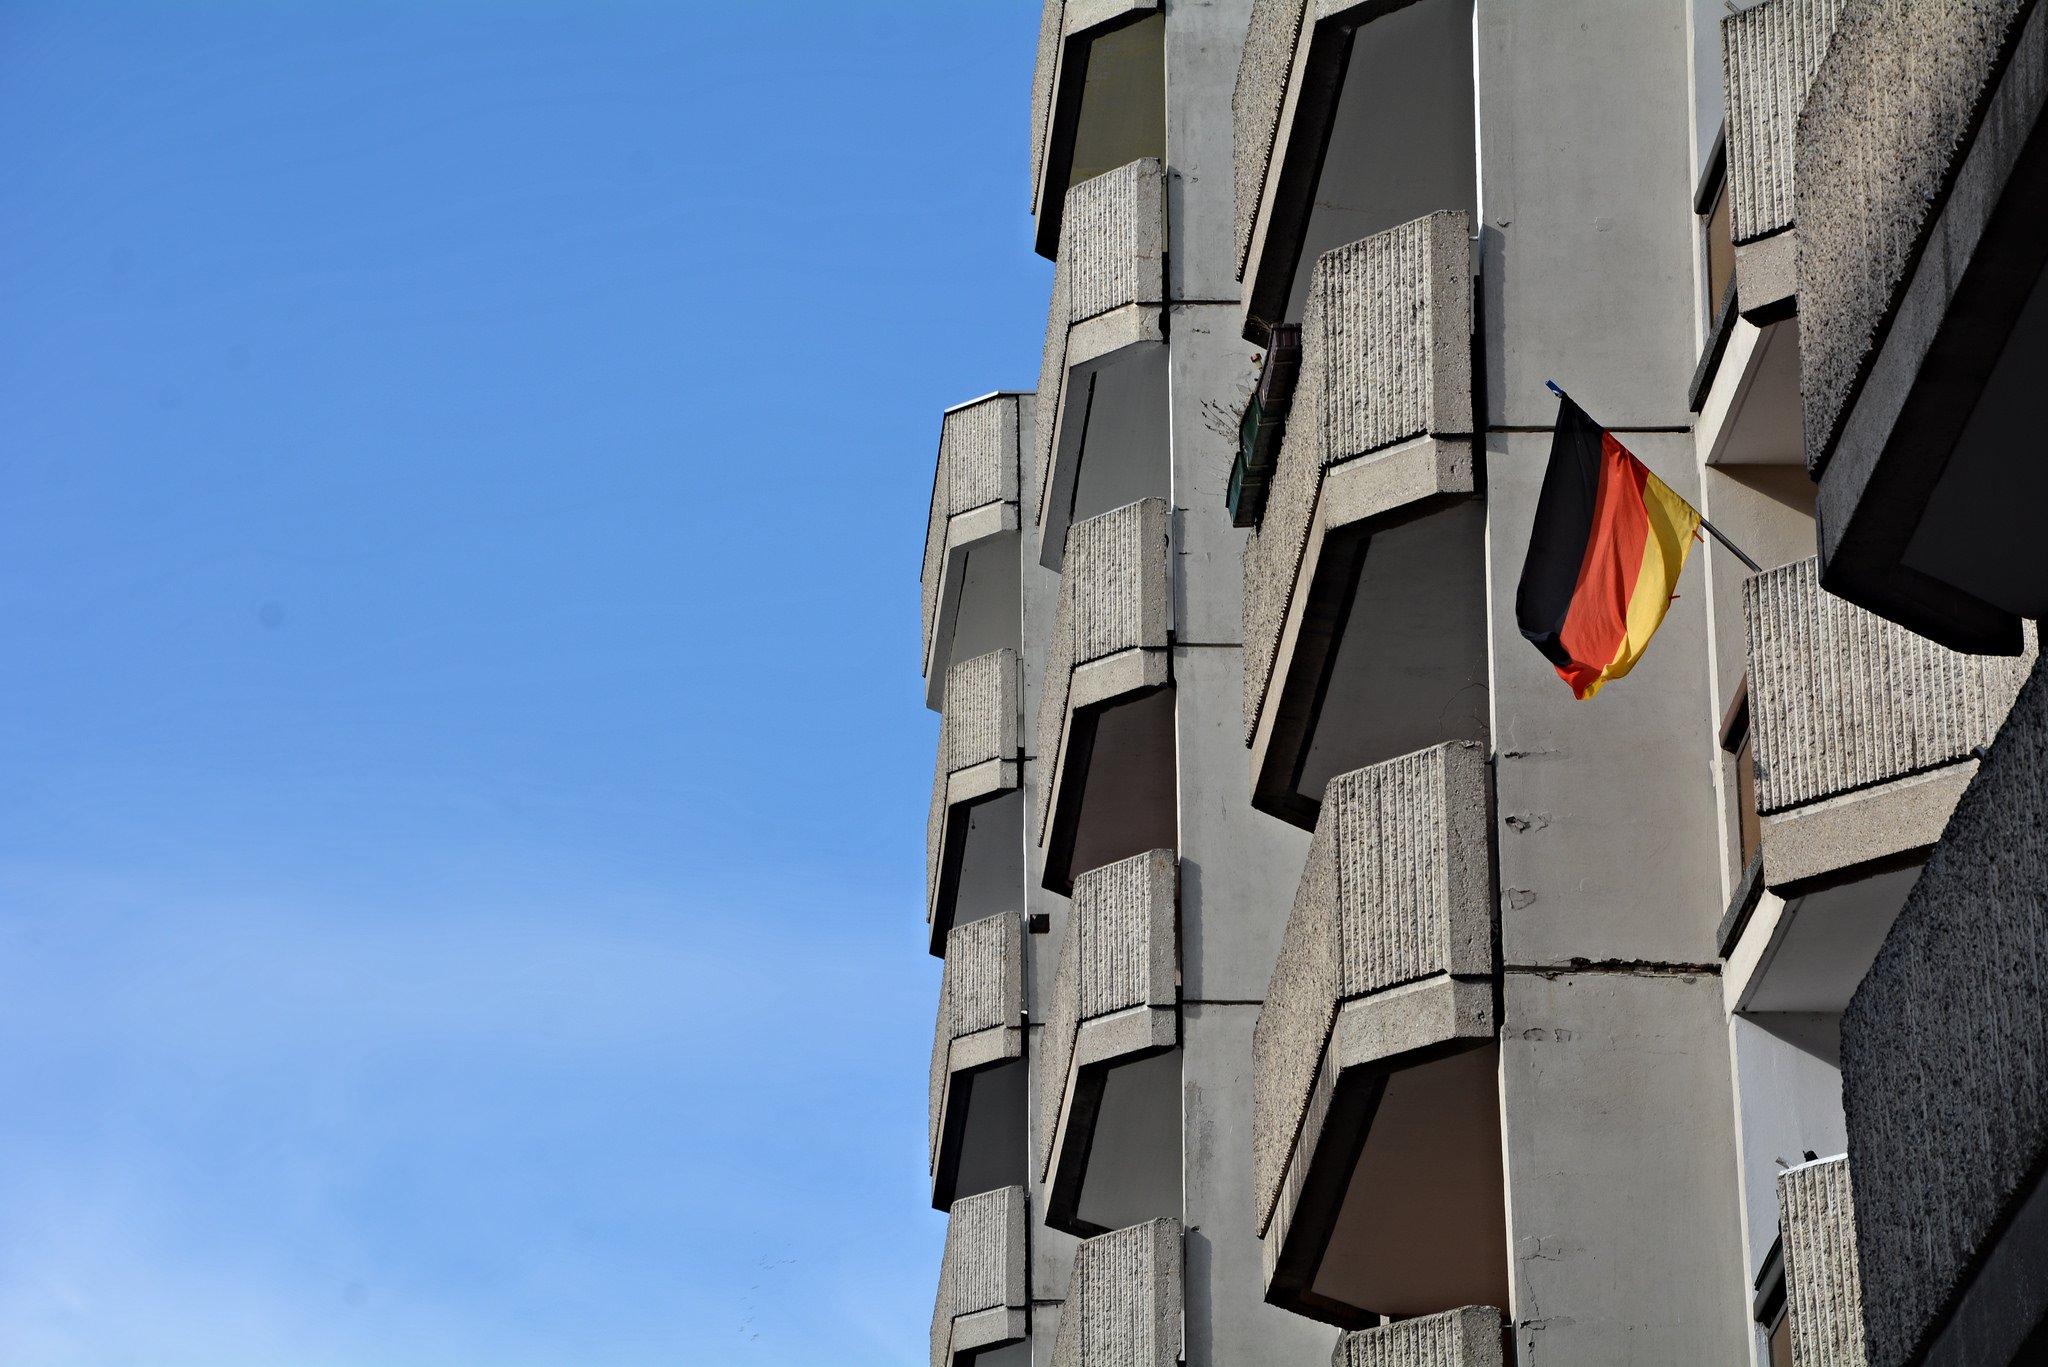 deutschland flagge spitteleck